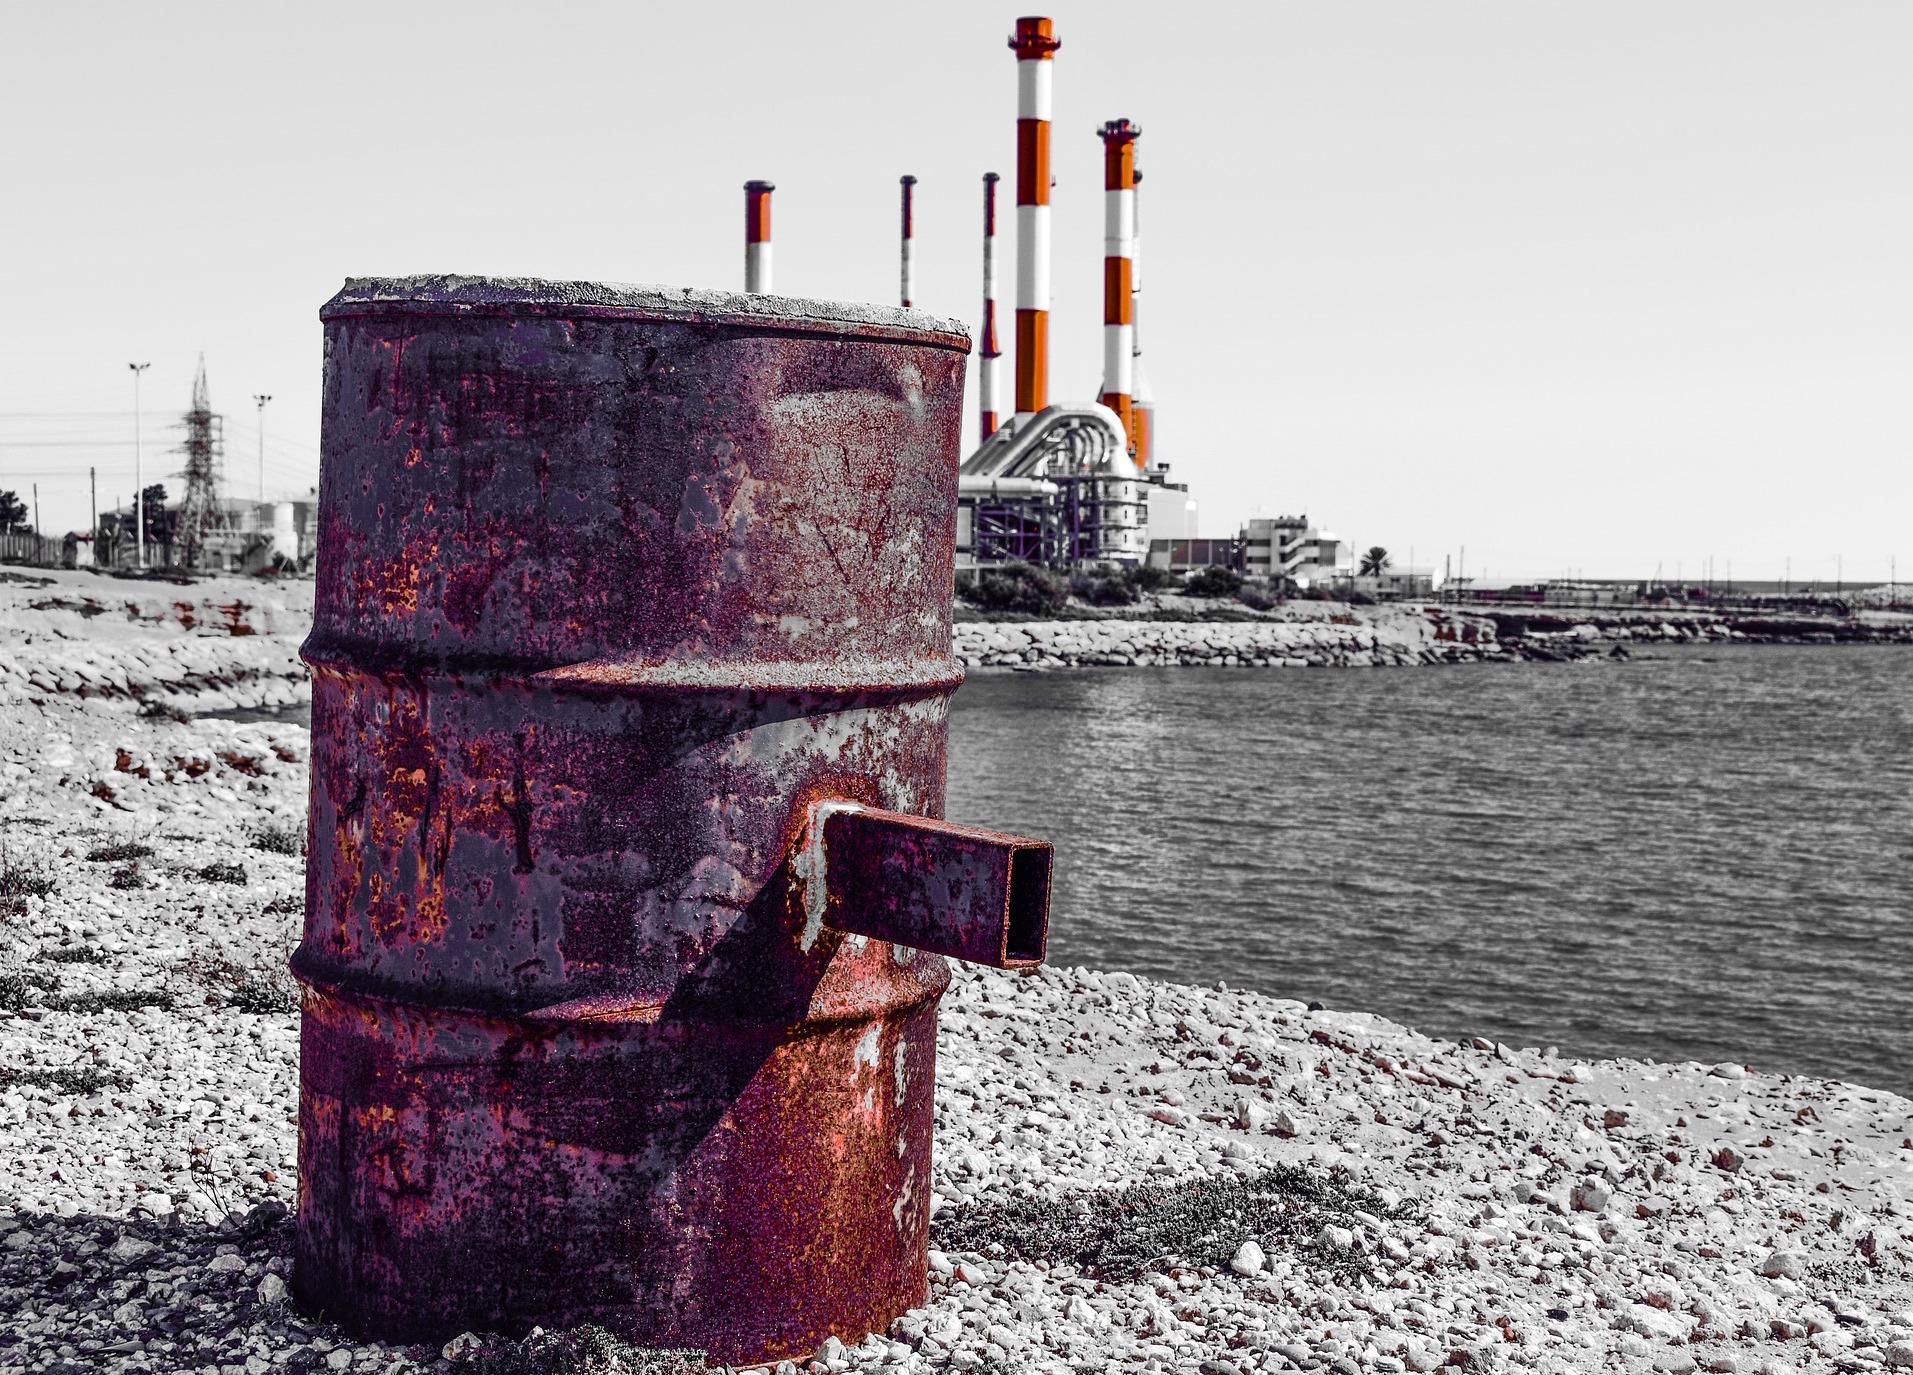 barrel-2079606_1920.jpg